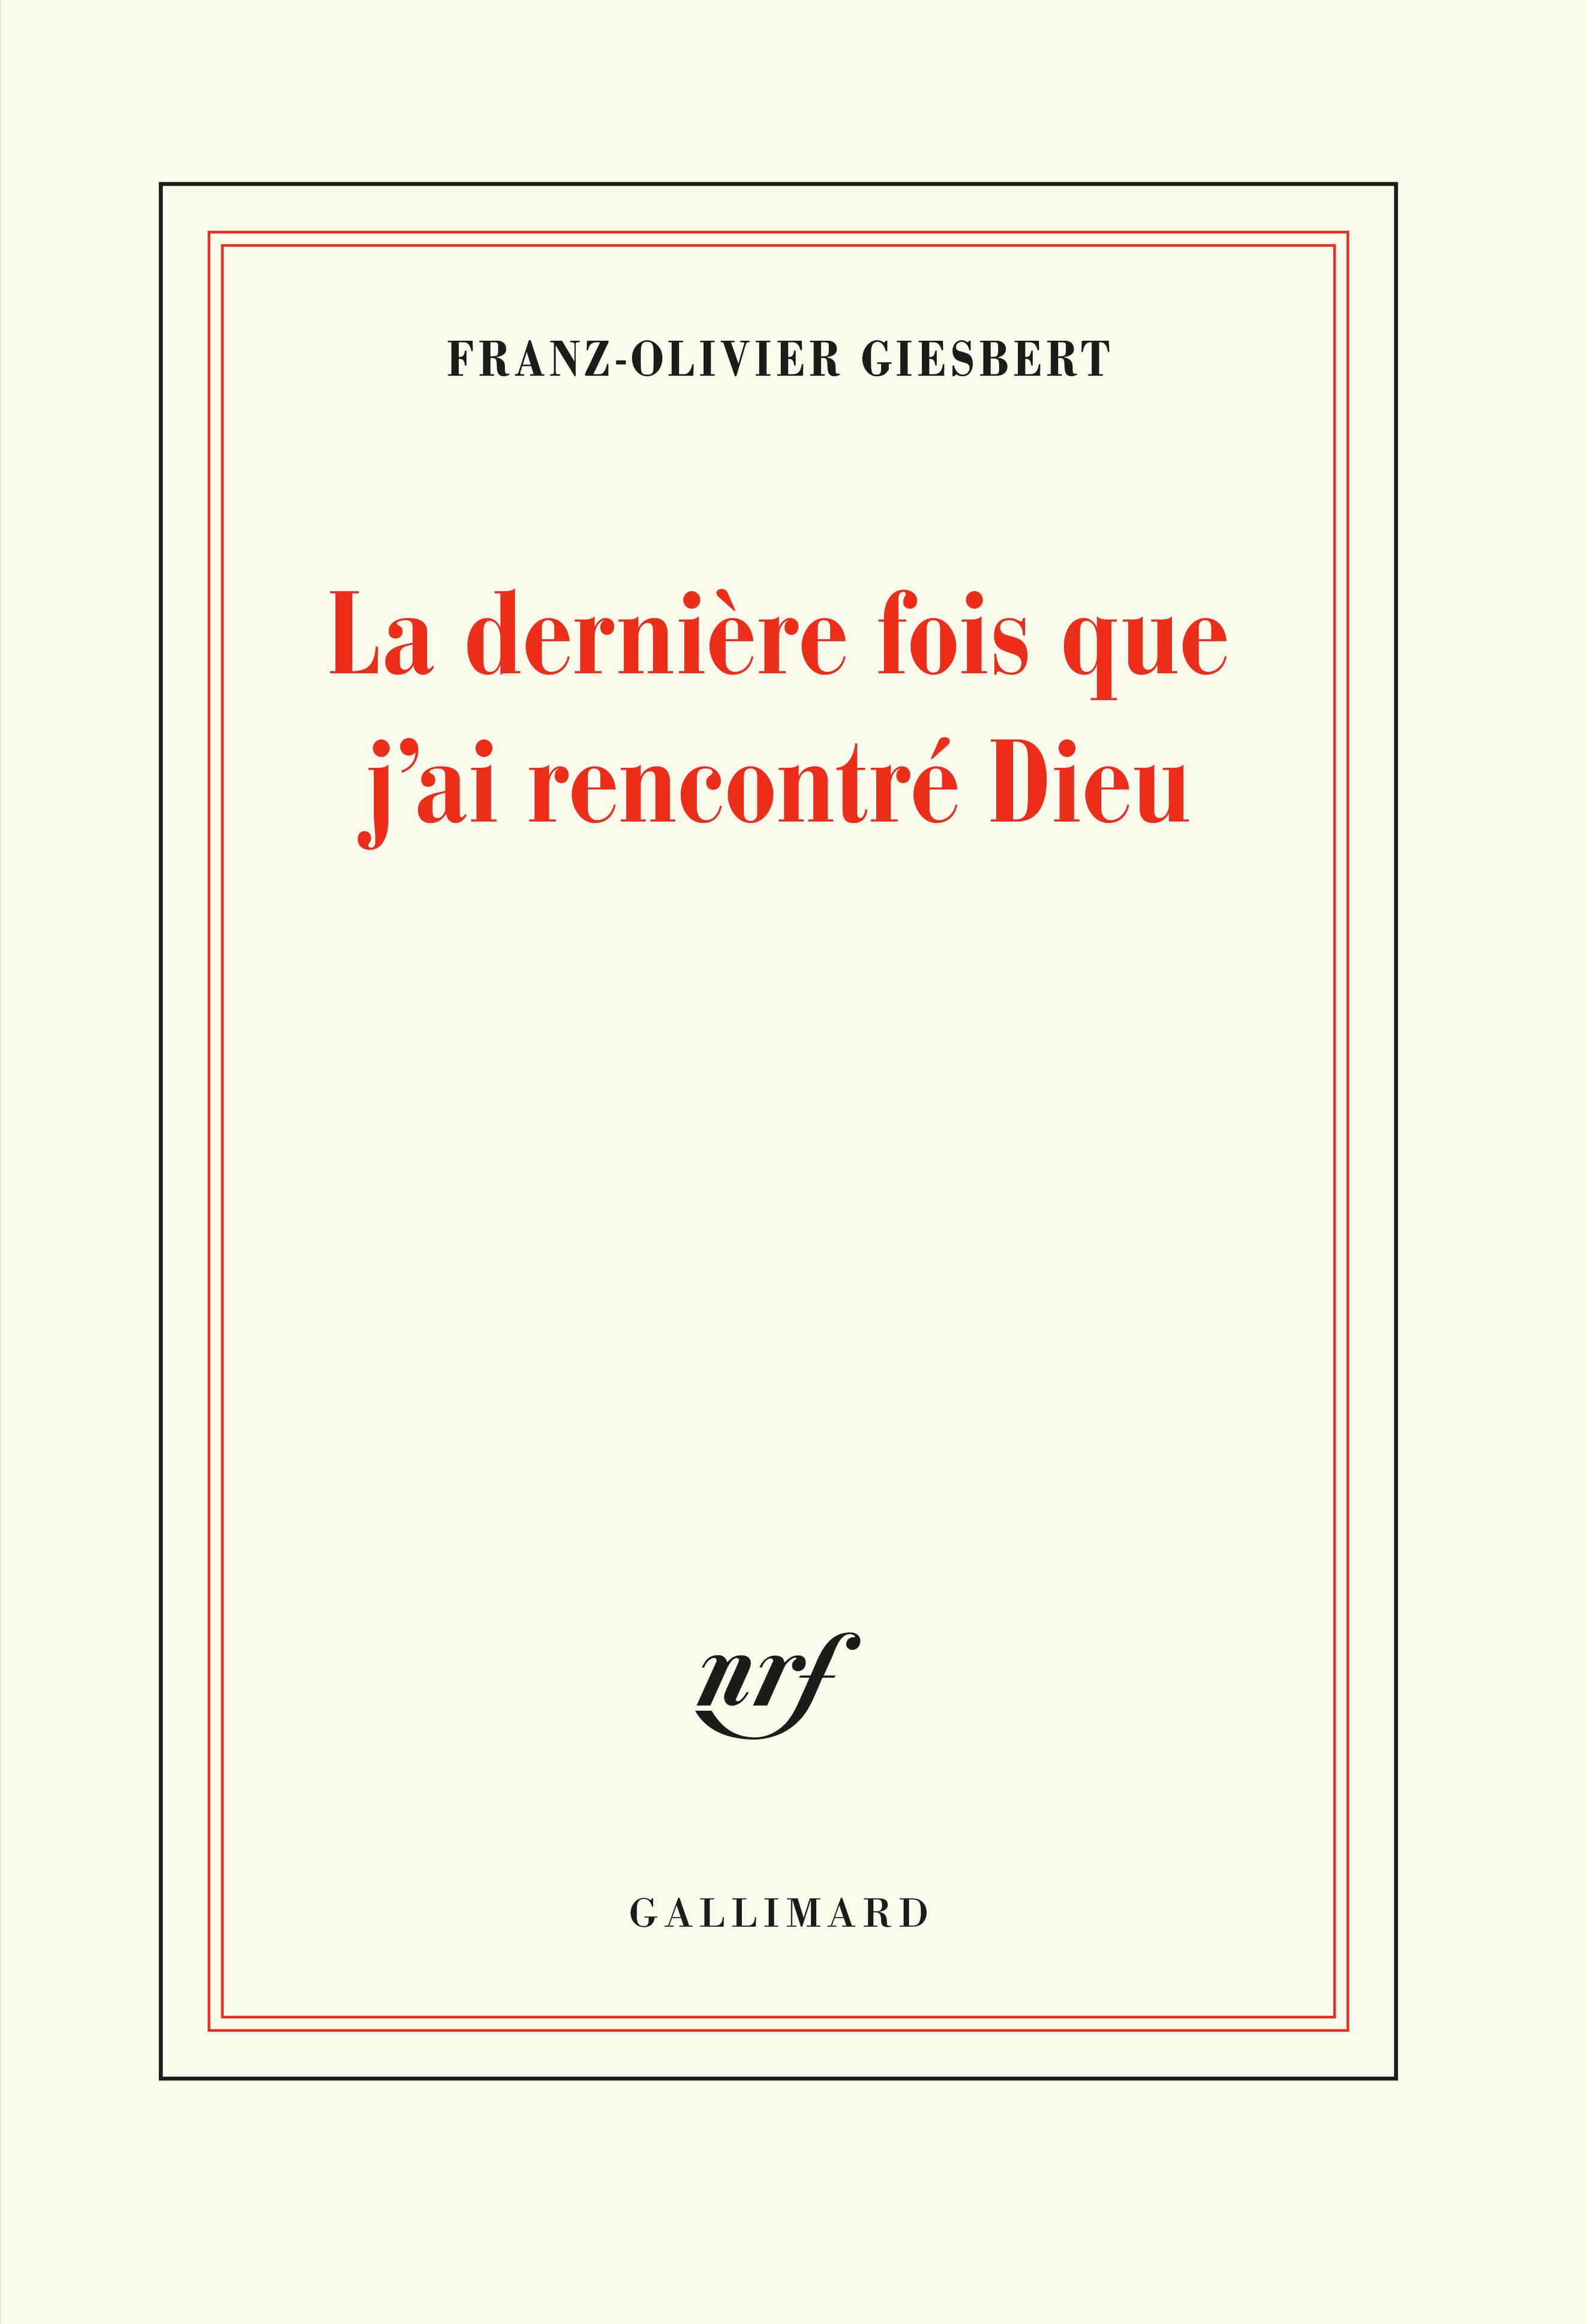 """Résultat de recherche d'images pour """"La dernière fois que j'ai rencontré Dieu de Franz-Olivier Giesbert gallimard"""""""